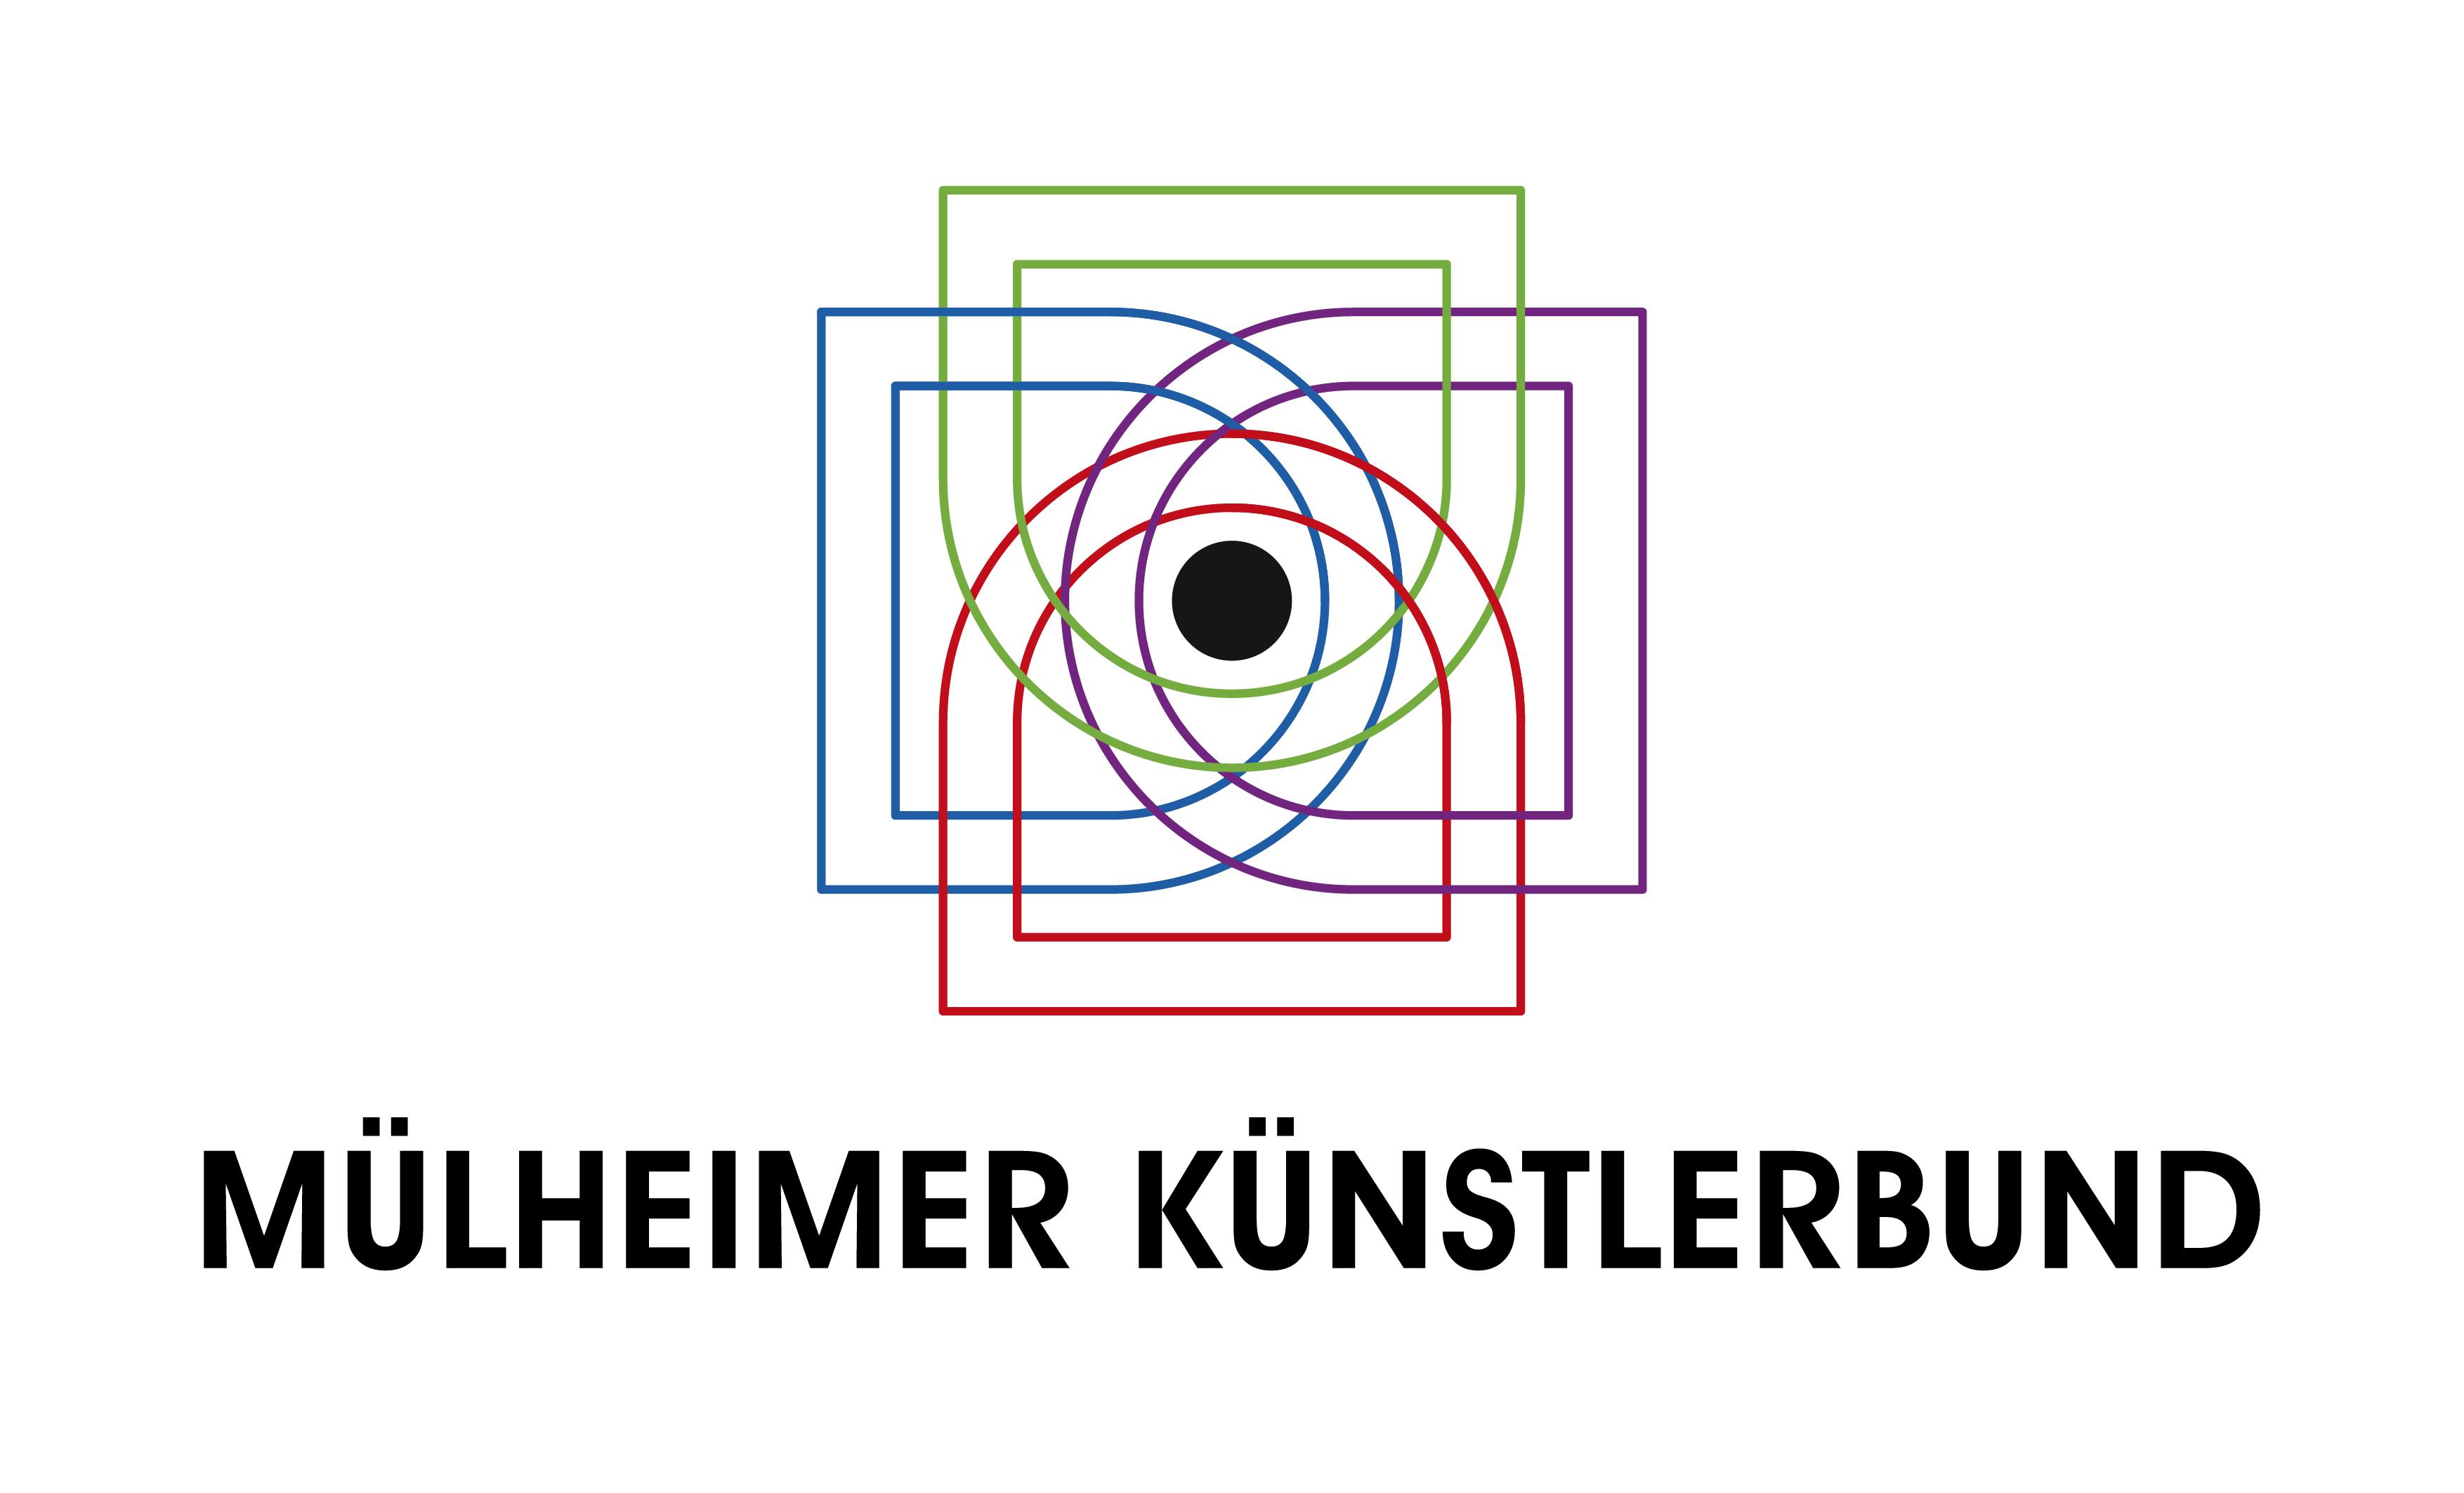 Mülheimer Künstlerinnen und Künstler im Mülheimer Künstlerbund – MKB